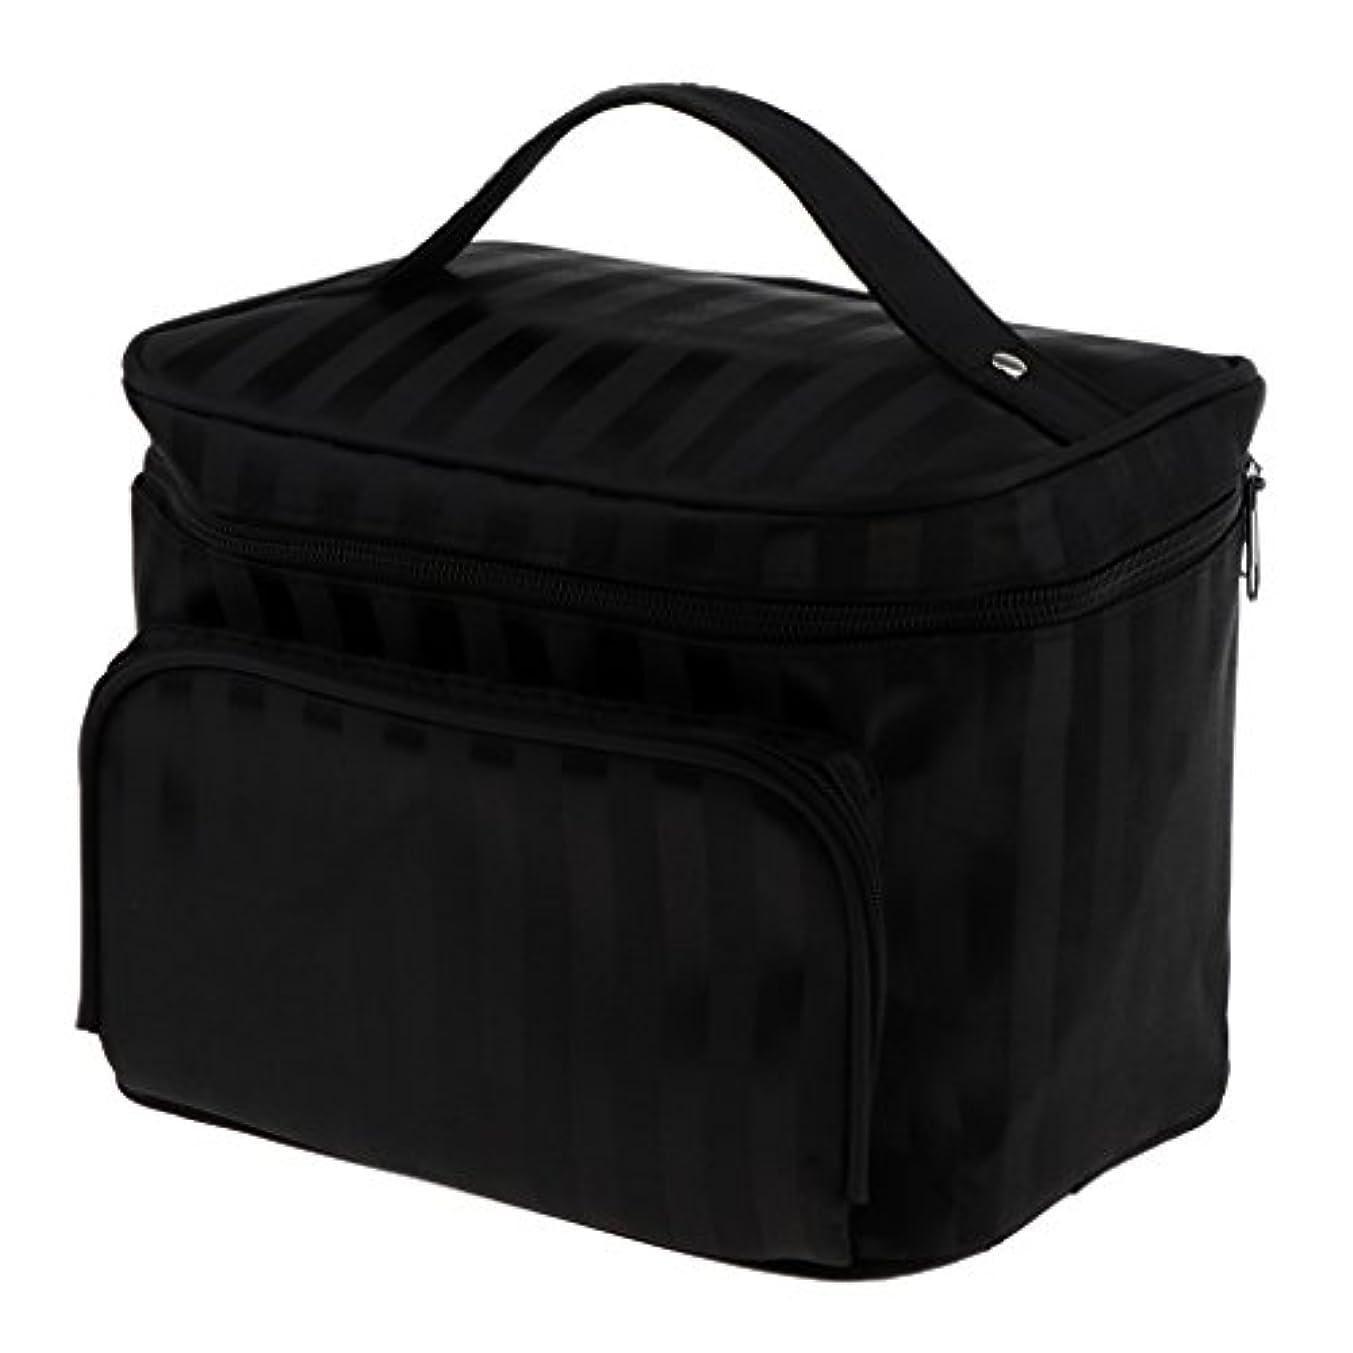 巨大なベッドを作る限られたPerfk メイクアップバッグ 化粧品バッグ 化粧品 コスメ メイクアップ 収納 防水 耐摩耗 旅行用 バッグ メイクボックス 化粧ポーチ 5色選べる - ブラック